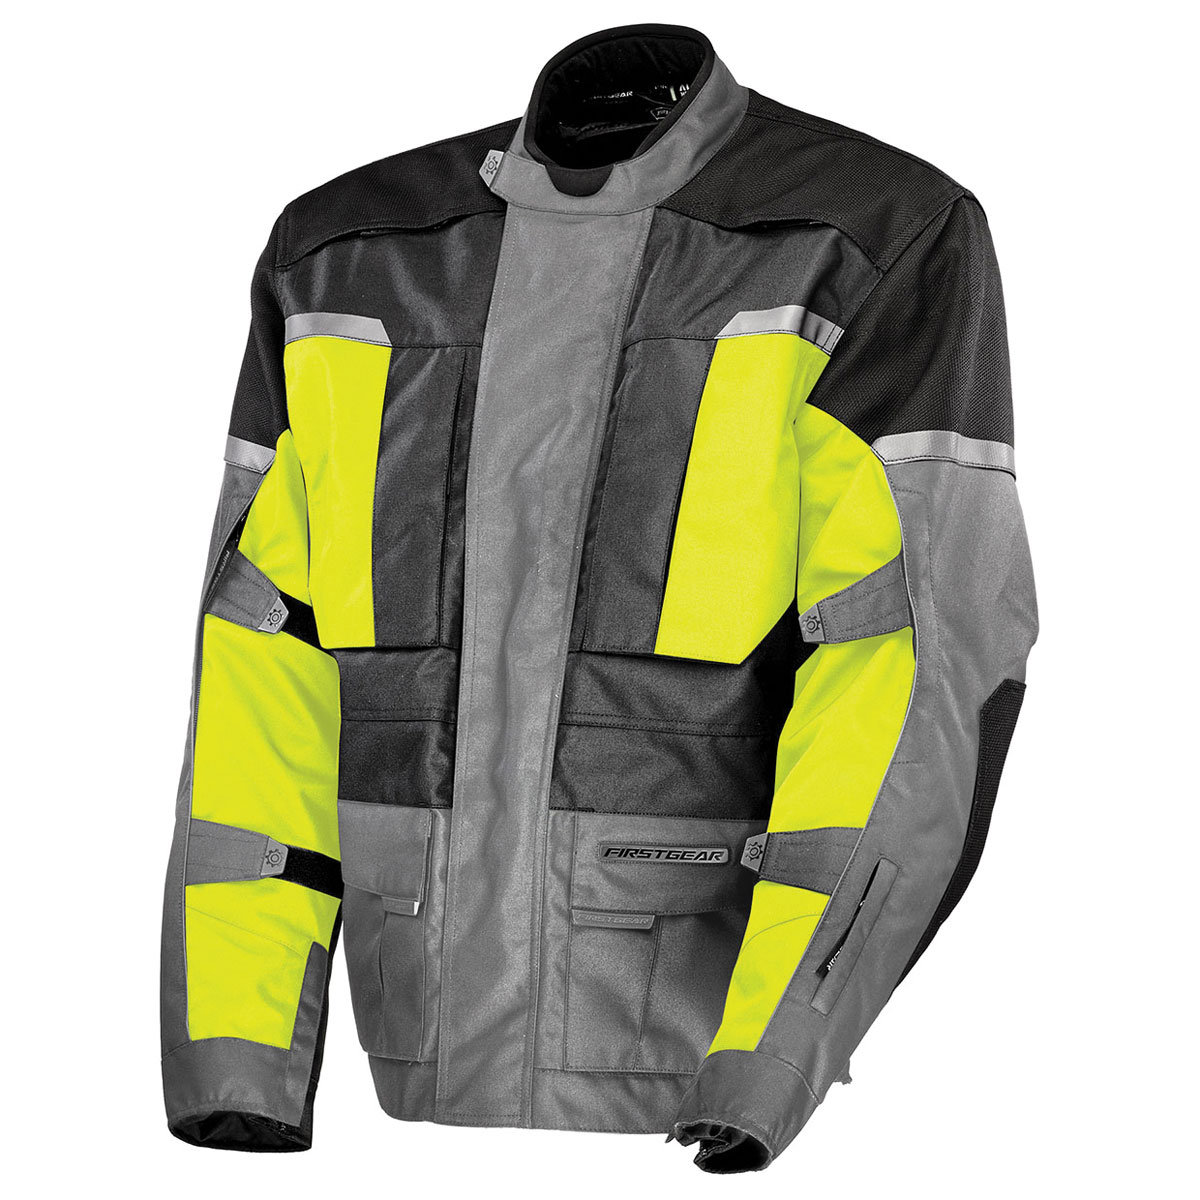 Firstgear Men's Jaunt Hi-Viz Jacket